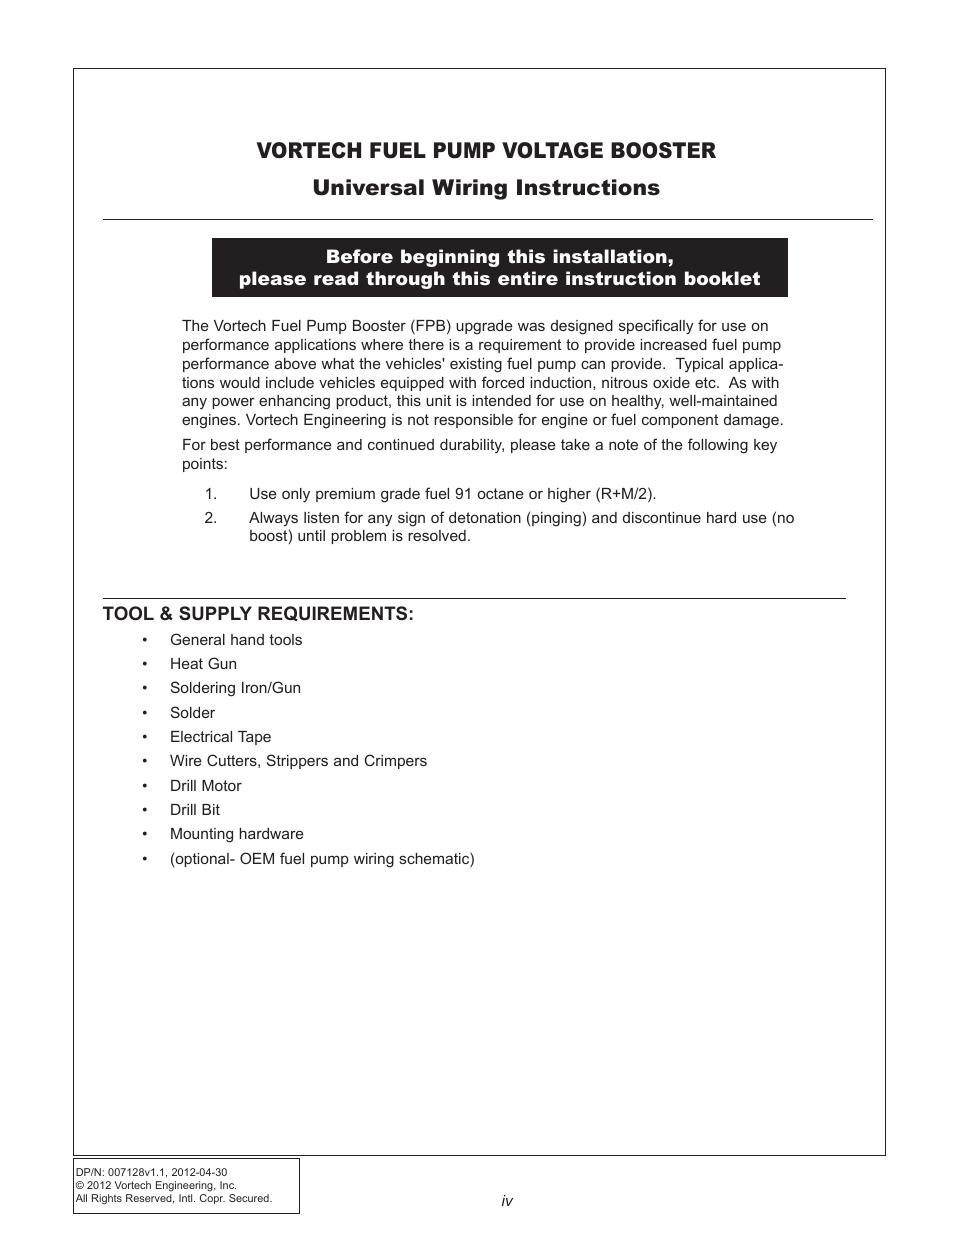 Vortech Maxflo Fuel Pump Booster (FPB) -